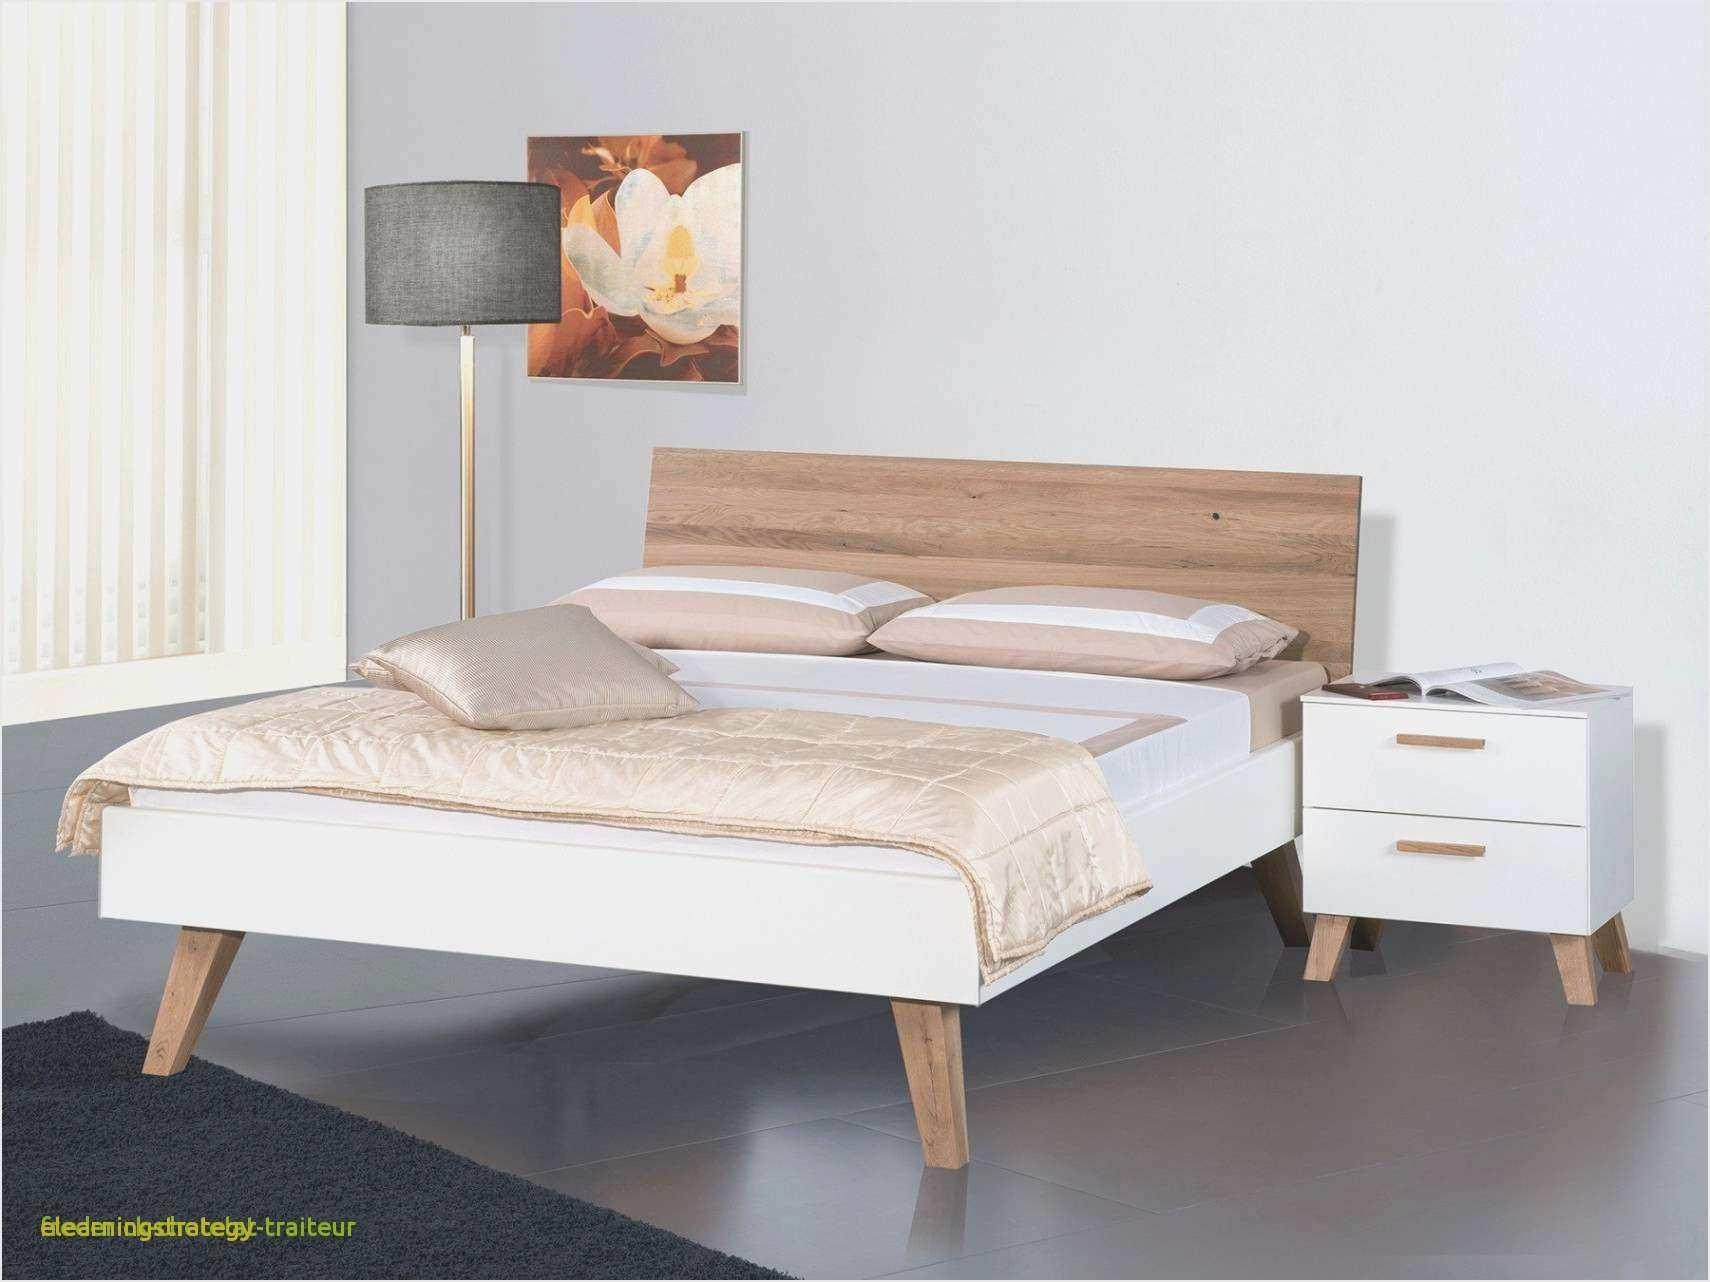 Full Size of Günstige Betten 59 Neu Fr Kleine Zimmer Einzigartig Tolles Wohnzimmer Ideen Treca Günstiges Bett Bei Ikea Luxus Außergewöhnliche Hülsta Trends Oschmann Bett Günstige Betten